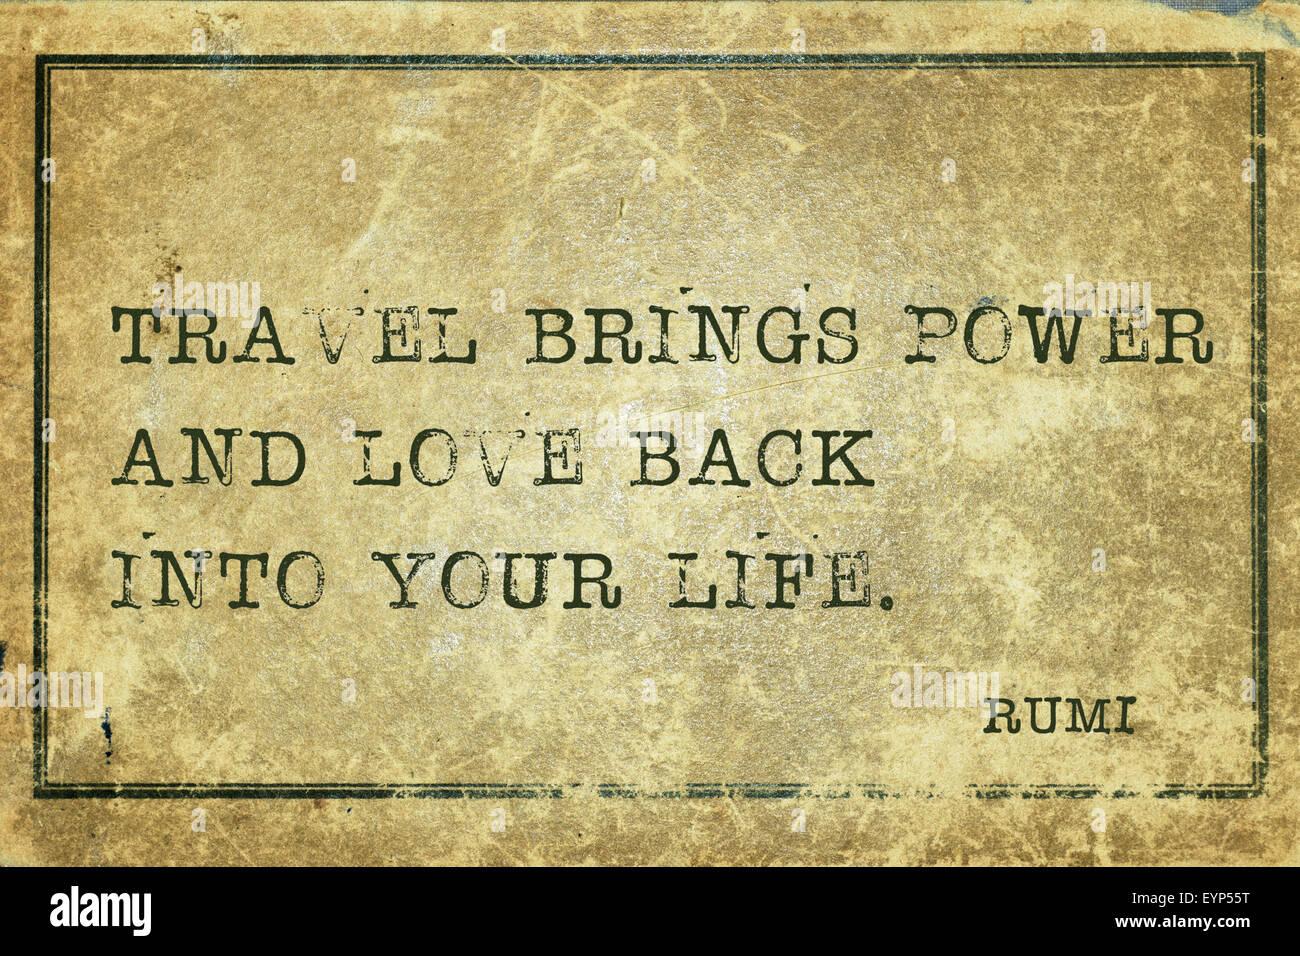 Reisen Bringt Kraft Und Liebe Zuruck Alte Persische Dichter Und Philosoph Rumi Zitat Auf Grunge Vintage